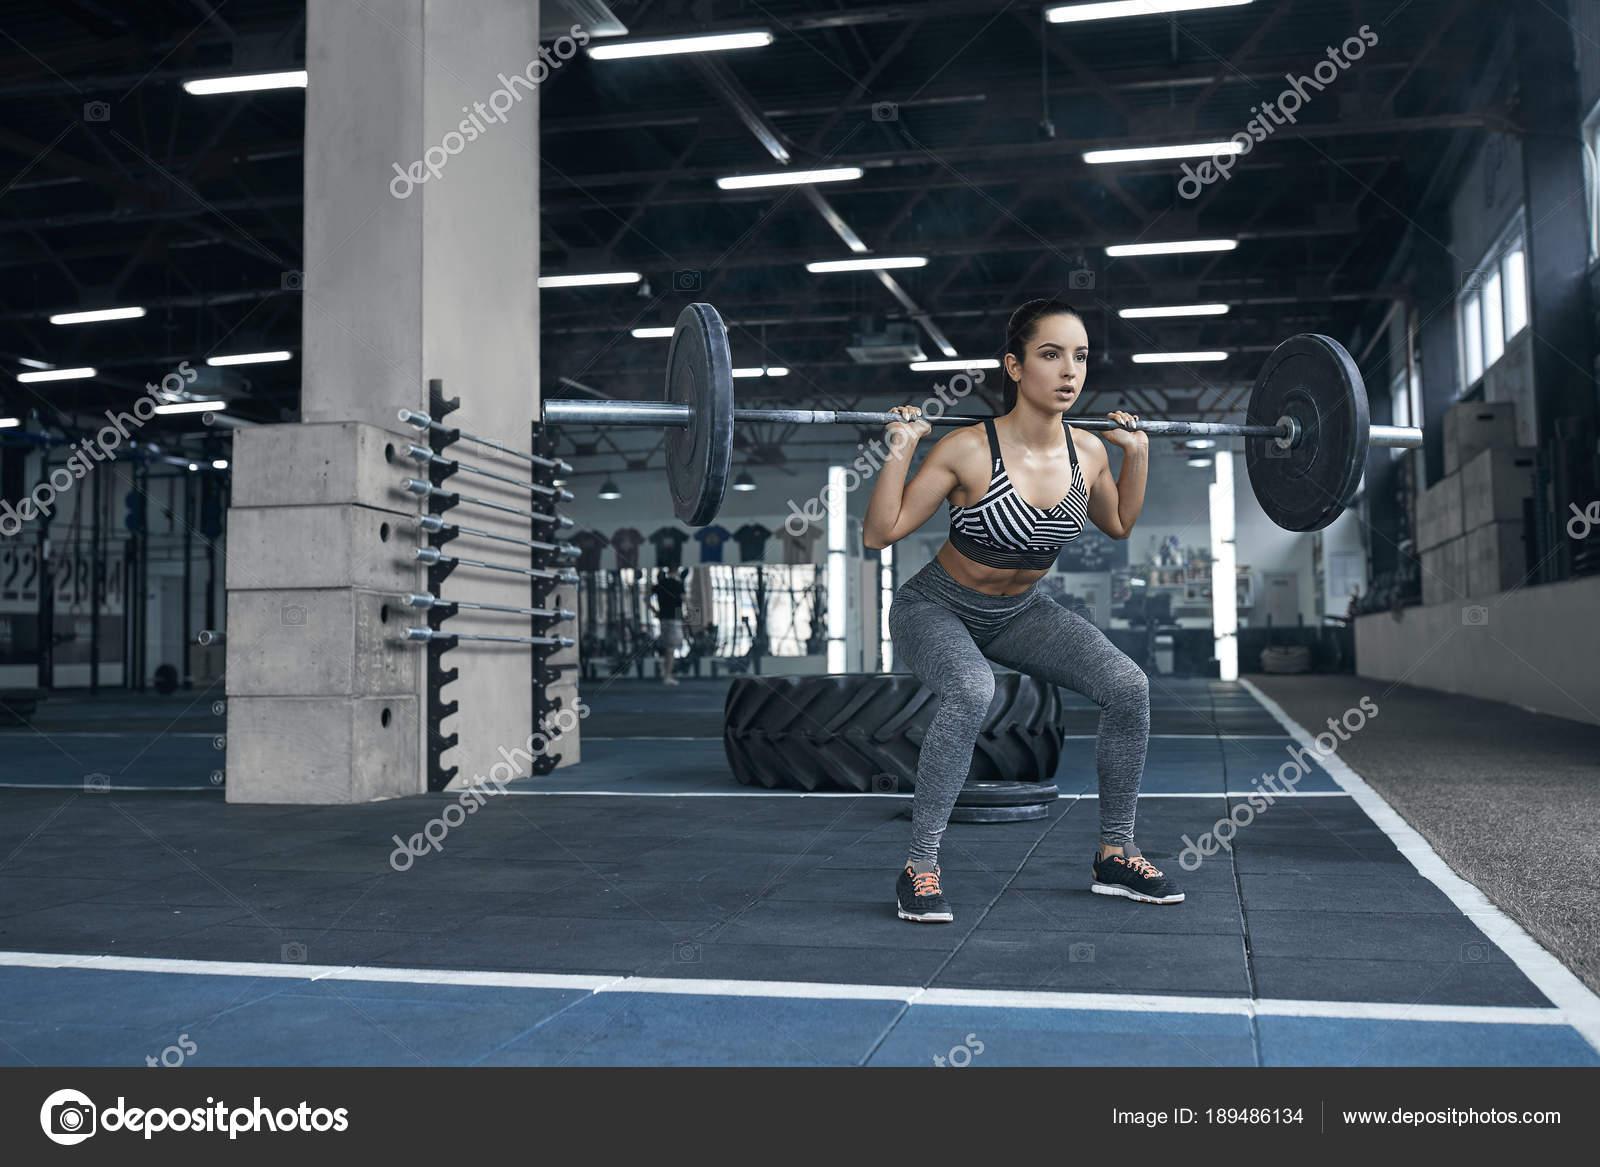 Imágenes De Motivación Gimnasio Hd Ejercicios De Mujer